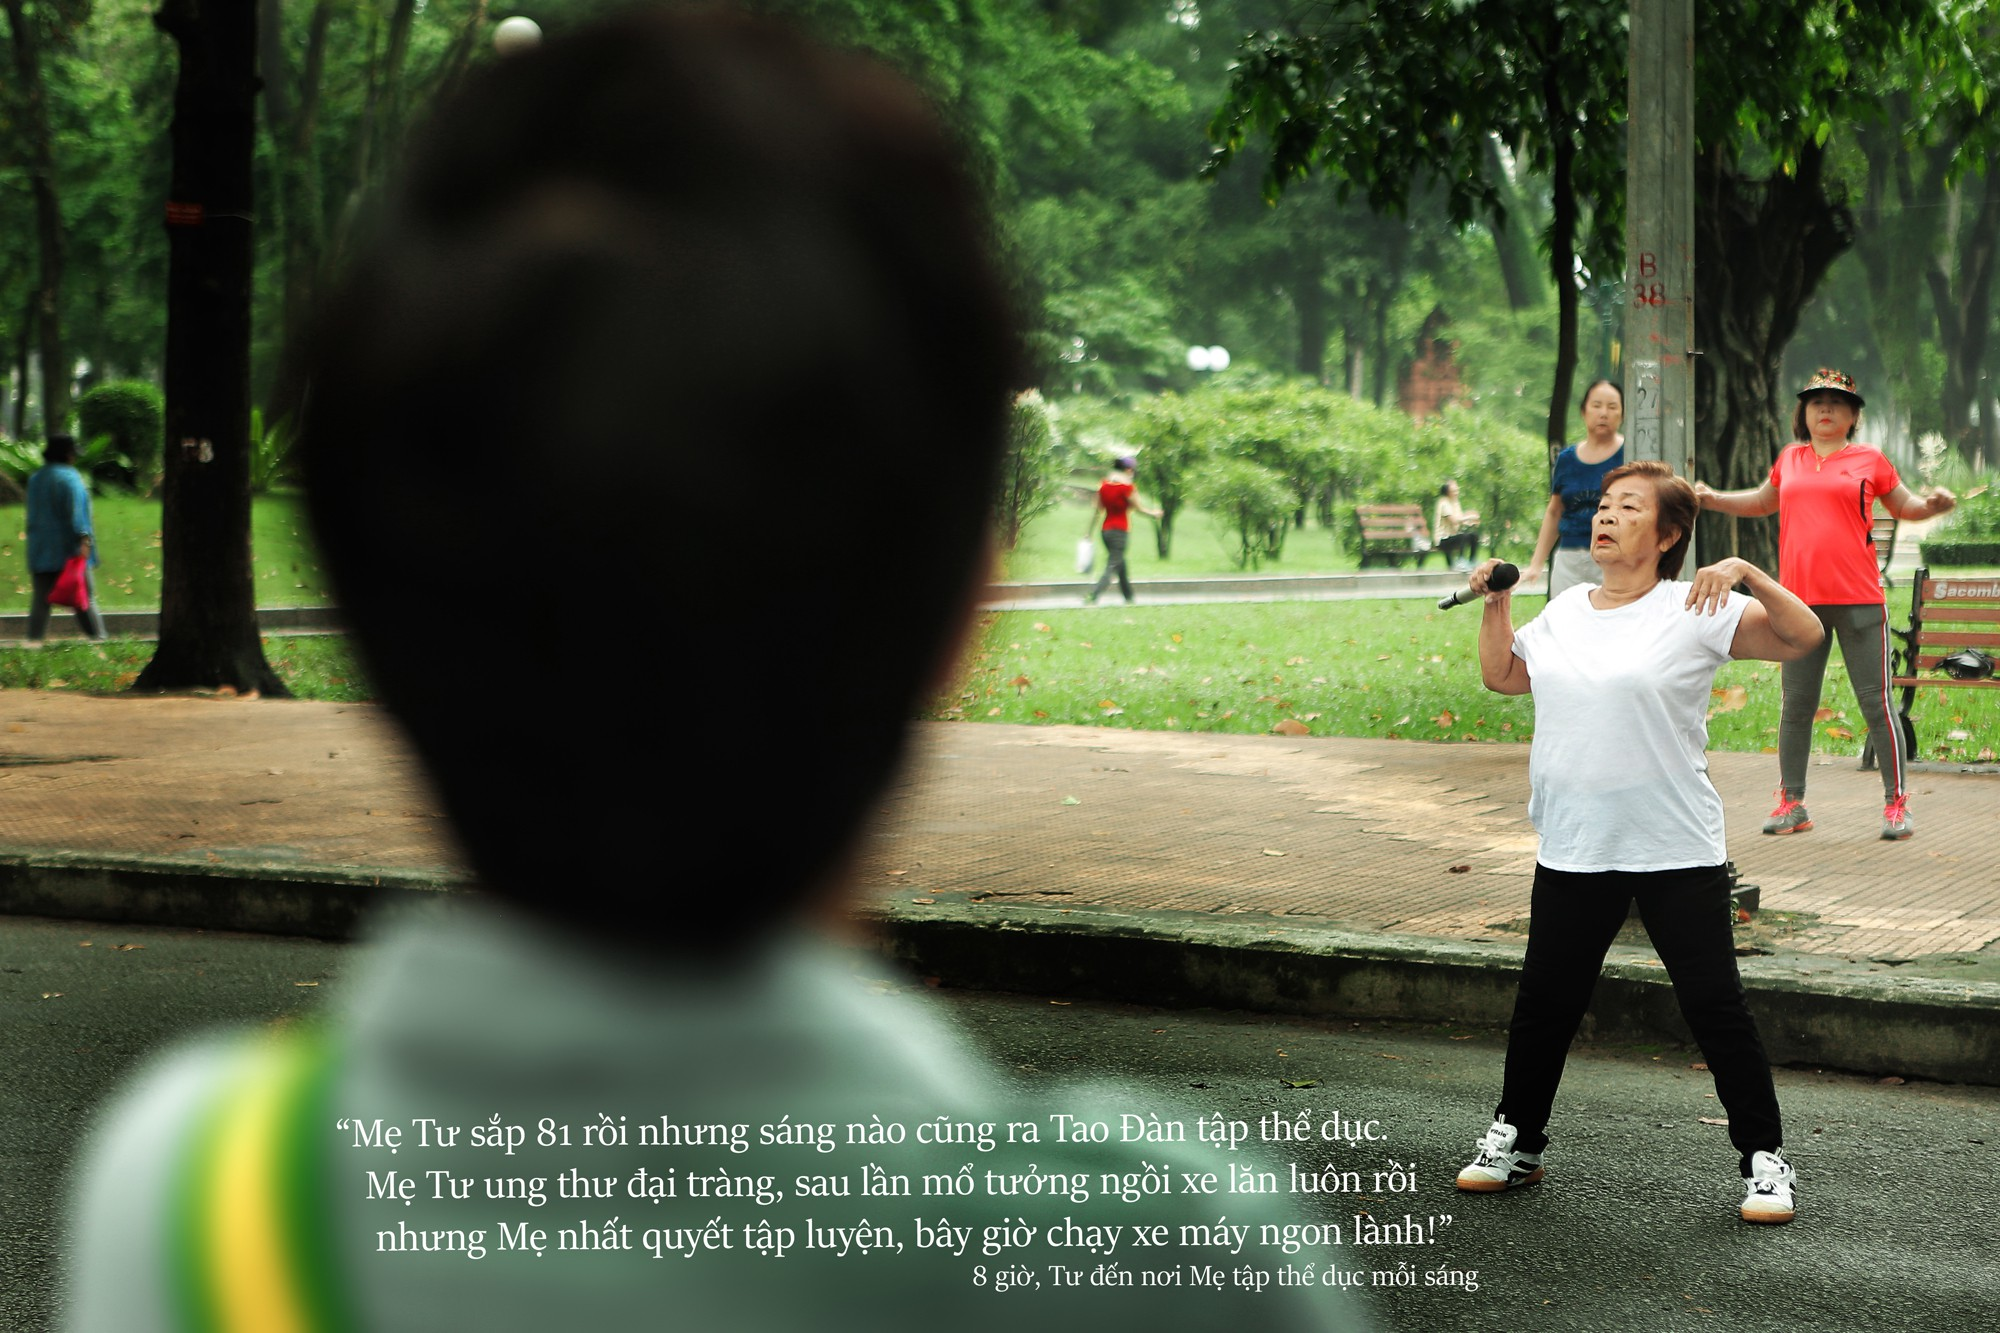 24 giờ của Tư: Bộ ảnh xúc động về người mẹ đơn thân chiến đấu với căn bệnh ung thư cùng cô con gái 12 tuổi - Ảnh 6.